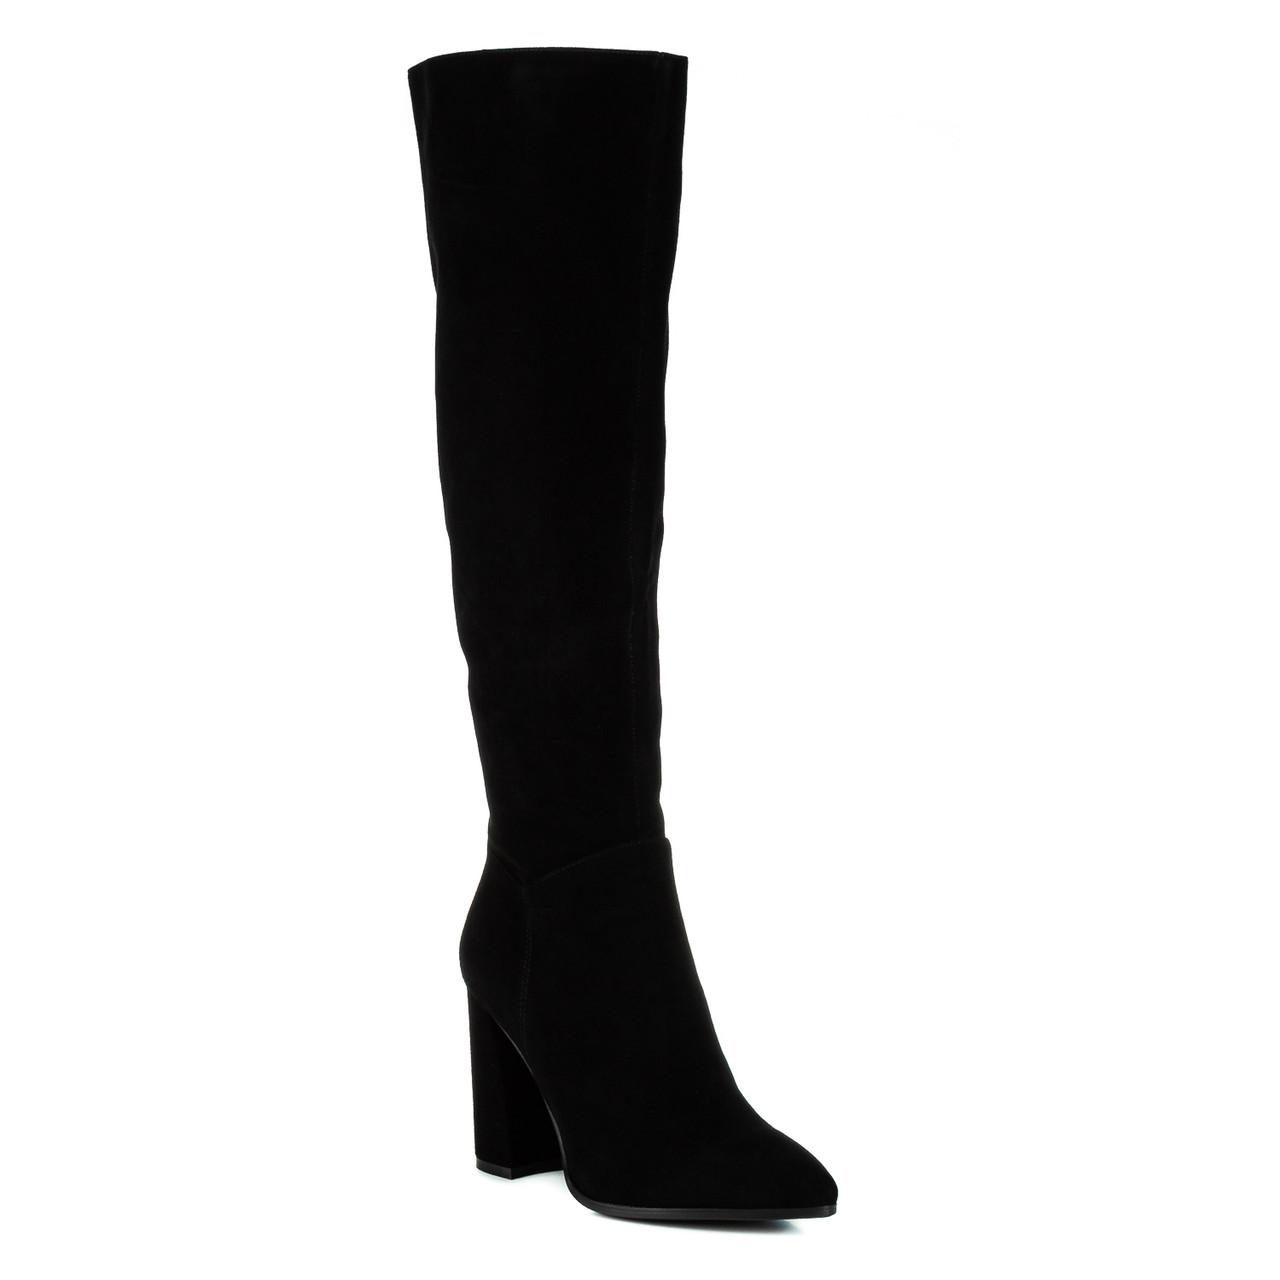 Сапоги женские VIDORCCI (натуральные, стильные на каблуке))